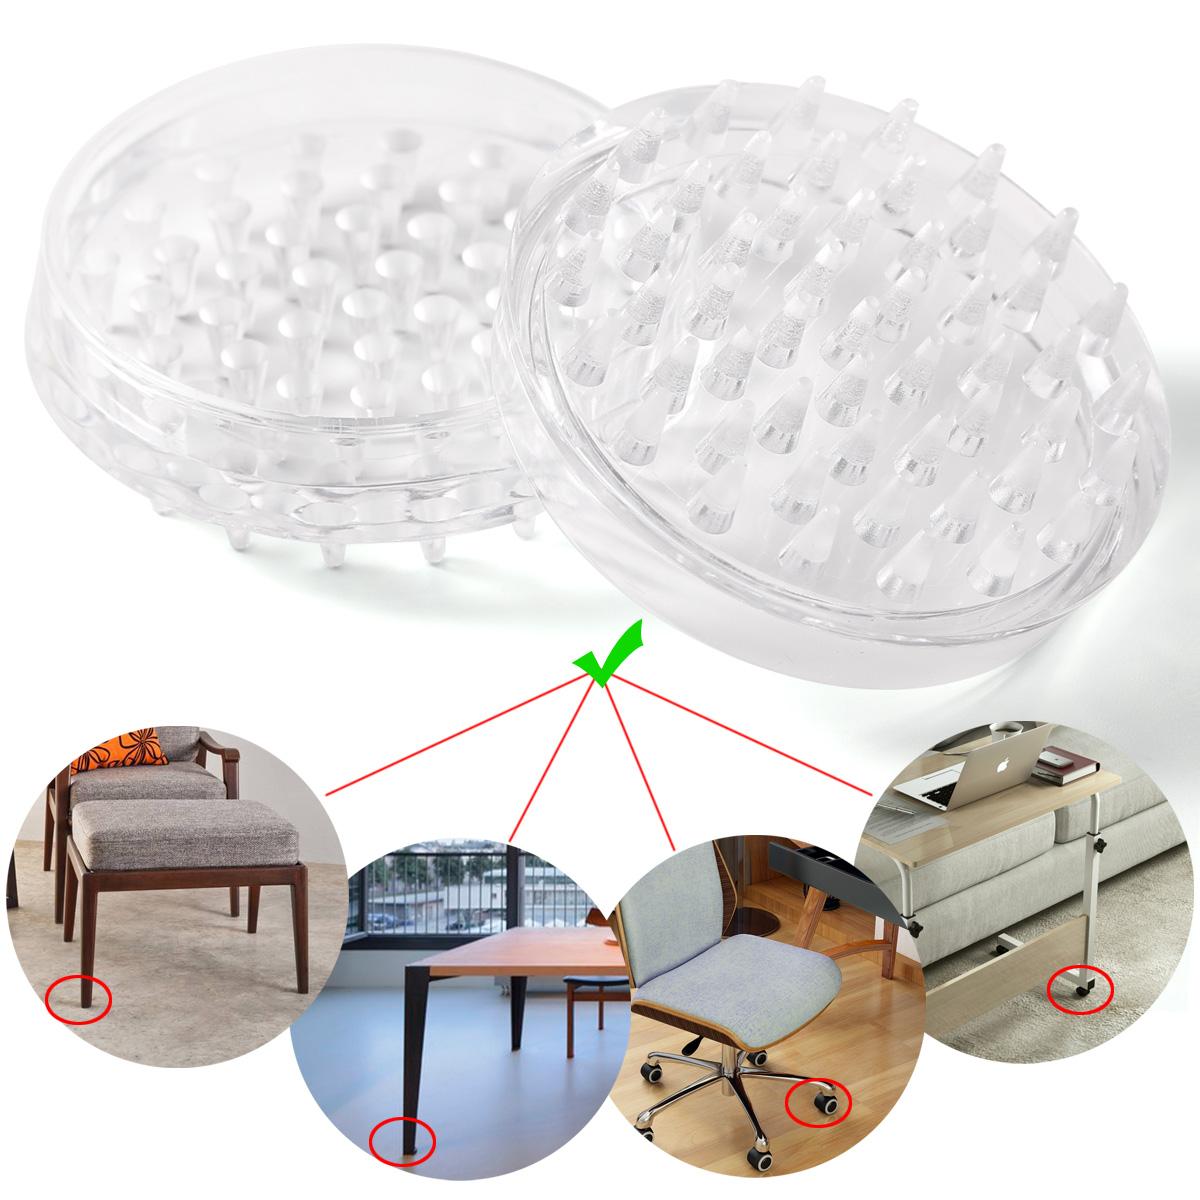 Protector De Suelo De Plástico Transparente ∅50mm Para Patas Sillas Mesas  Mueble